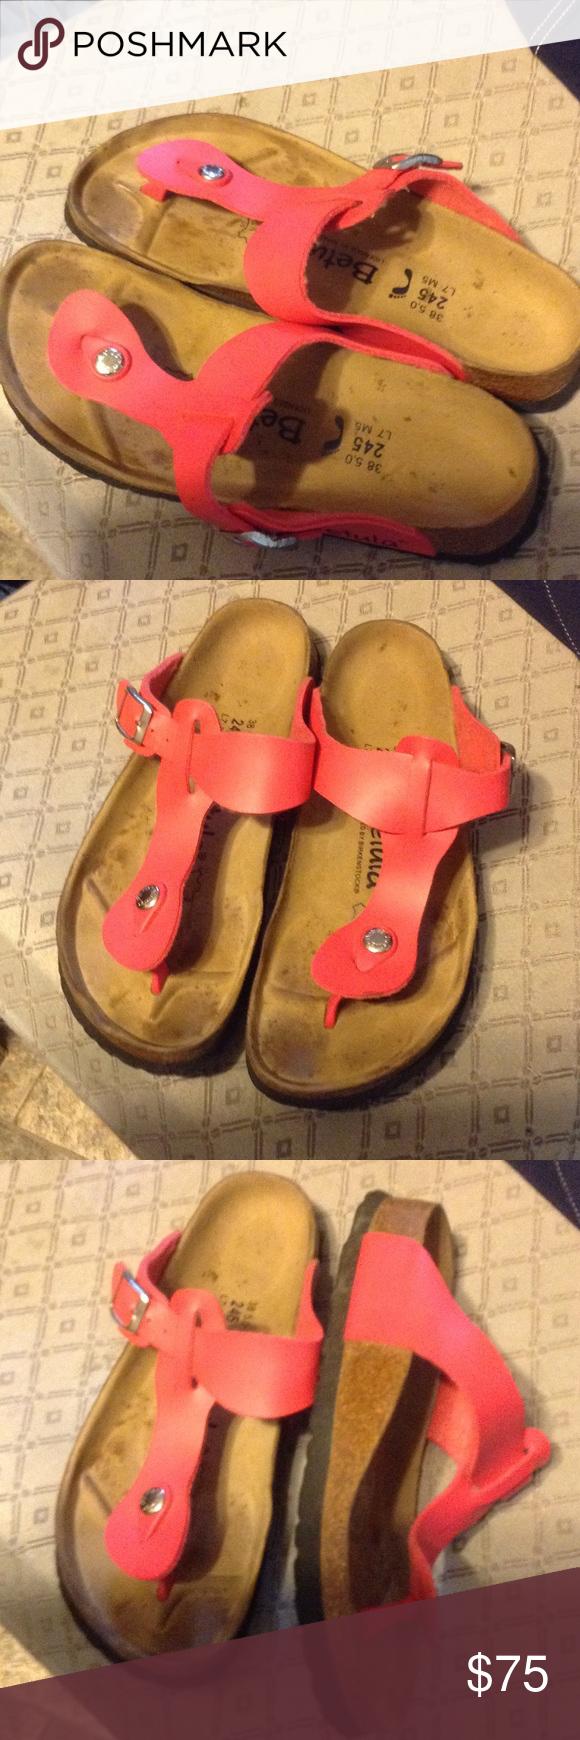 714b27f4e4ec Birkenstock sandals Like new